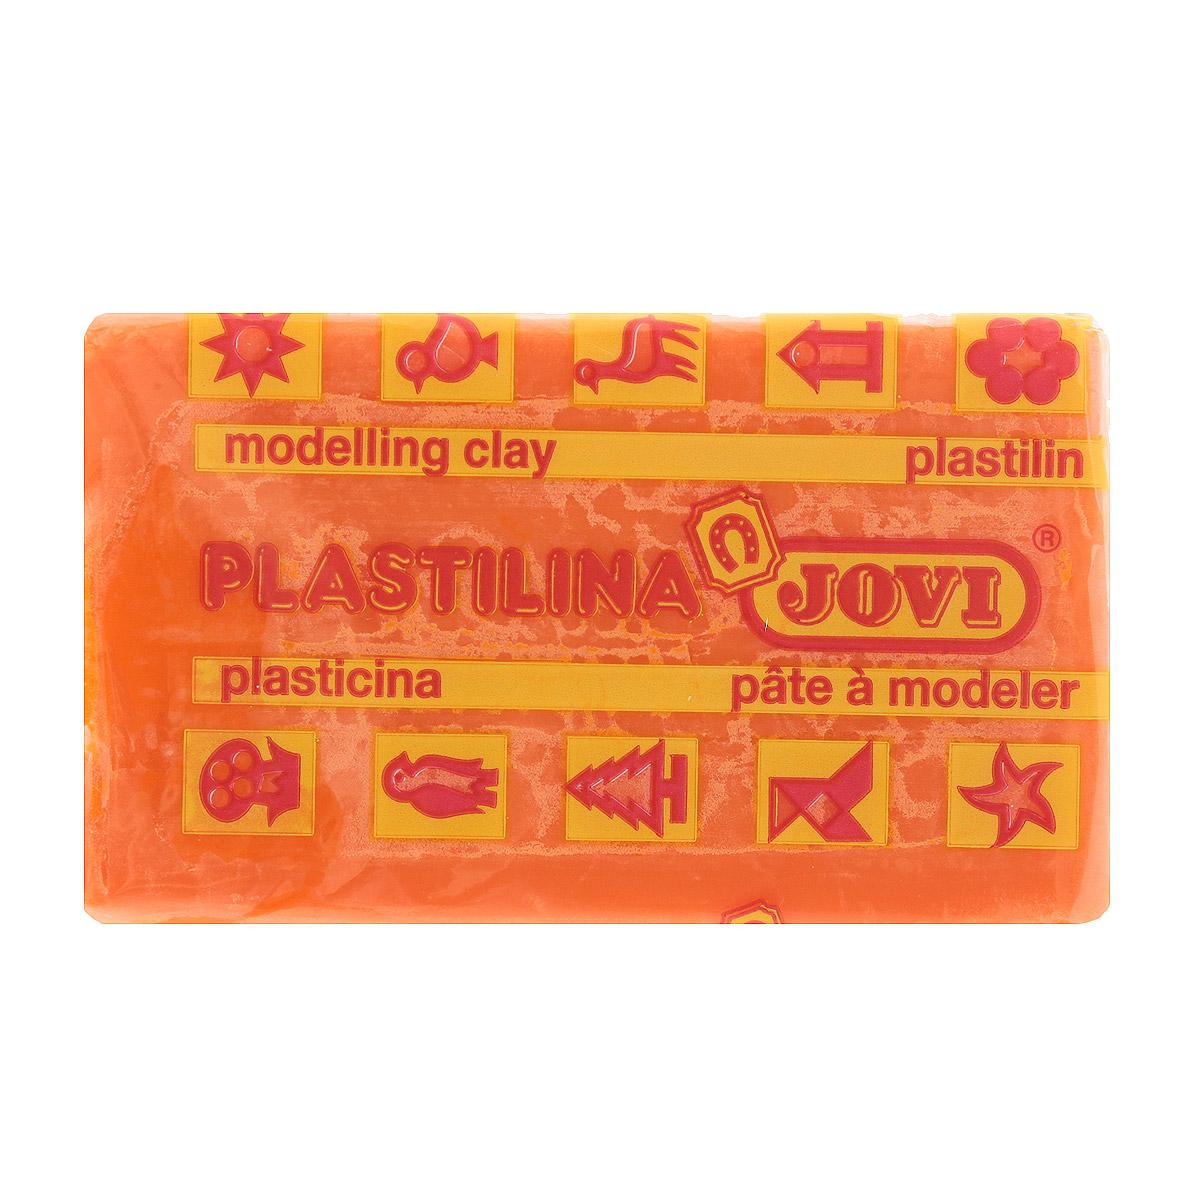 Jovi Пластилин, цвет: морковный, 50 г70/30U_морковныйПластилин Jovi - лучший выбор для лепки, он обладает превосходными изобразительными возможностями и поэтому дает простор воображению и самым смелым творческим замыслам. Пластилин, изготовленный на растительной основе, очень мягкий, легко разминается и смешивается, не пачкает руки и не прилипает к рабочей поверхности. Пластилин пригоден для создания аппликаций и поделок, ручной лепки, моделирования на каркасе, пластилиновой живописи - рисовании пластилином по бумаге, картону, дереву или текстилю. Пластические свойства сохраняются в течение 5 лет.